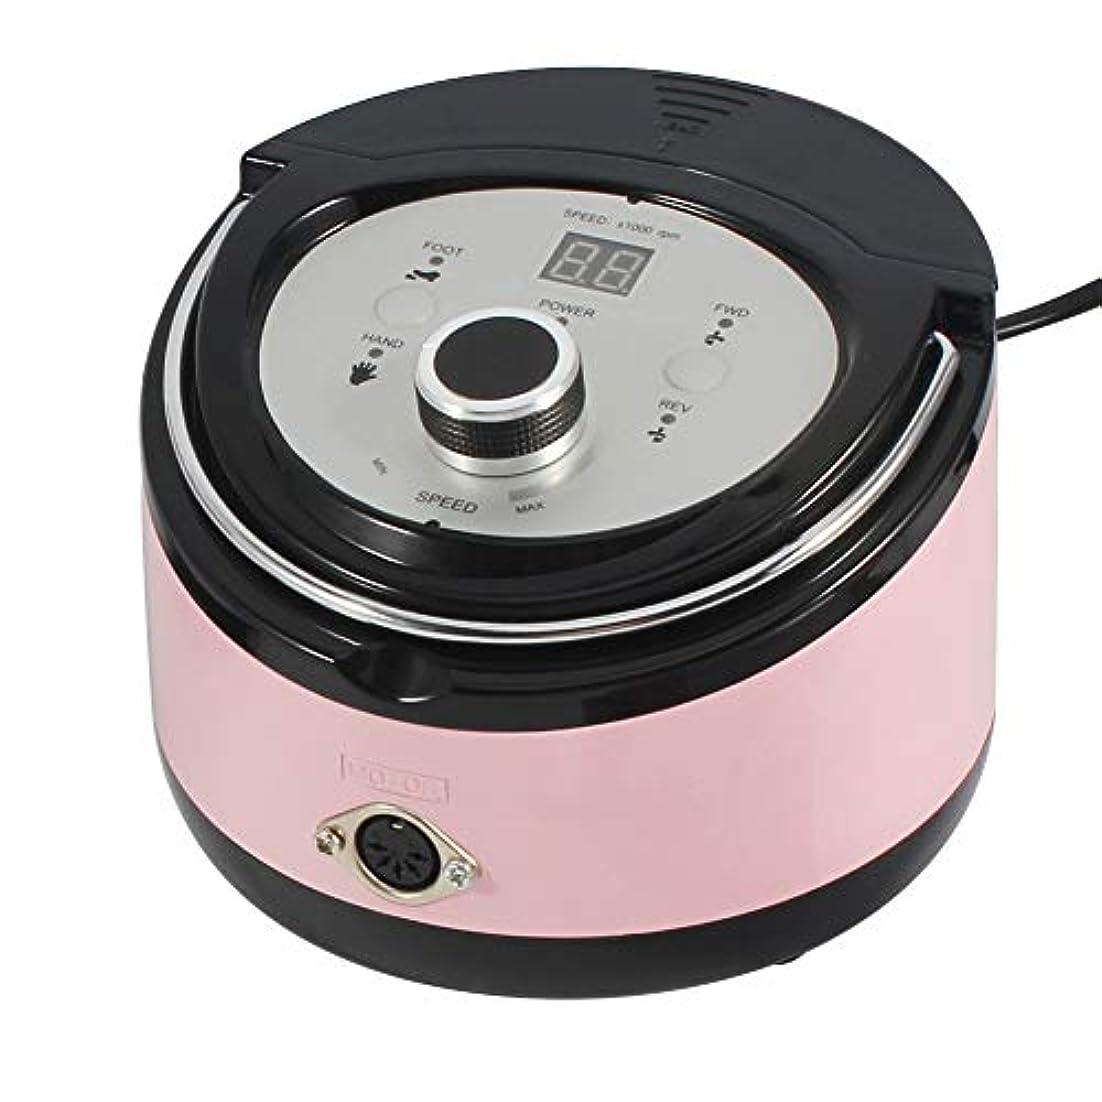 空いている毒性結論電気マニキュアは専門の電気釘のドリル機械45W 35000RPMのポリッシャペディキュアのための調節可能な速度LEDスクリーンをあけます,ピンク